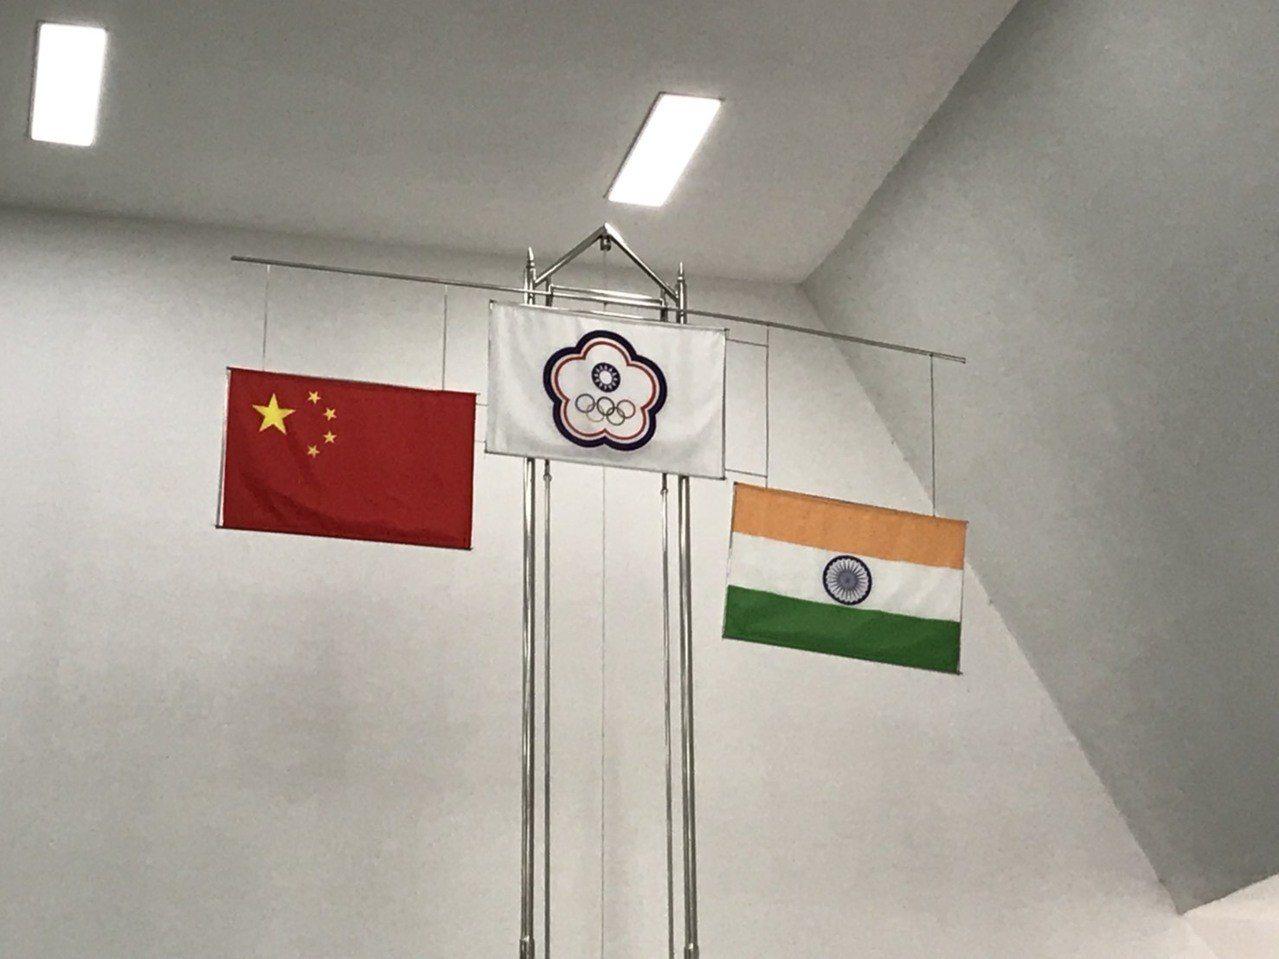 中華奧會提供